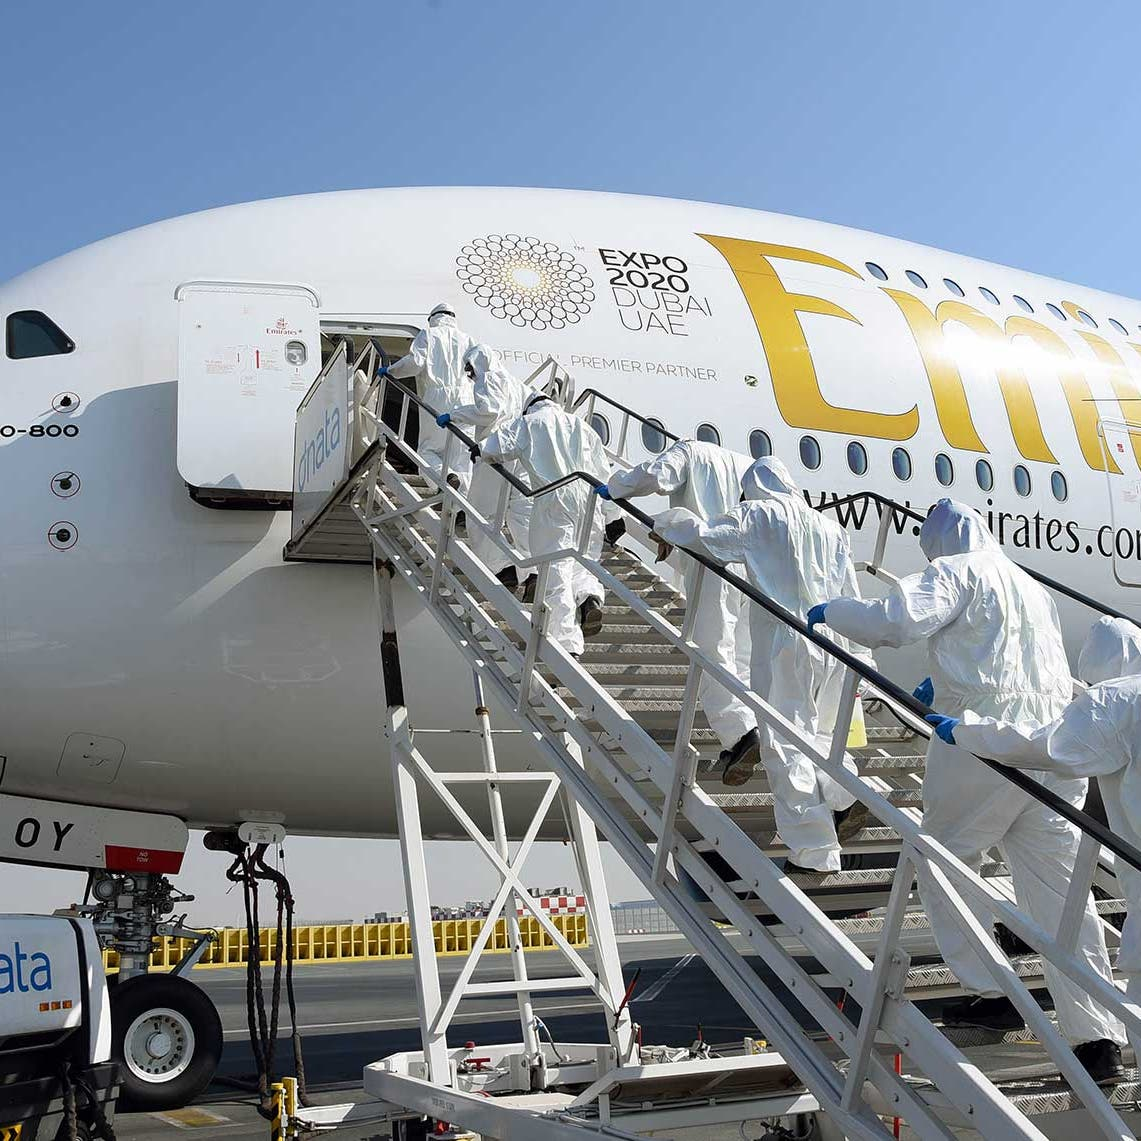 طيران الإمارات تنفي شائعات وقف الرحلات بسبب كورونا